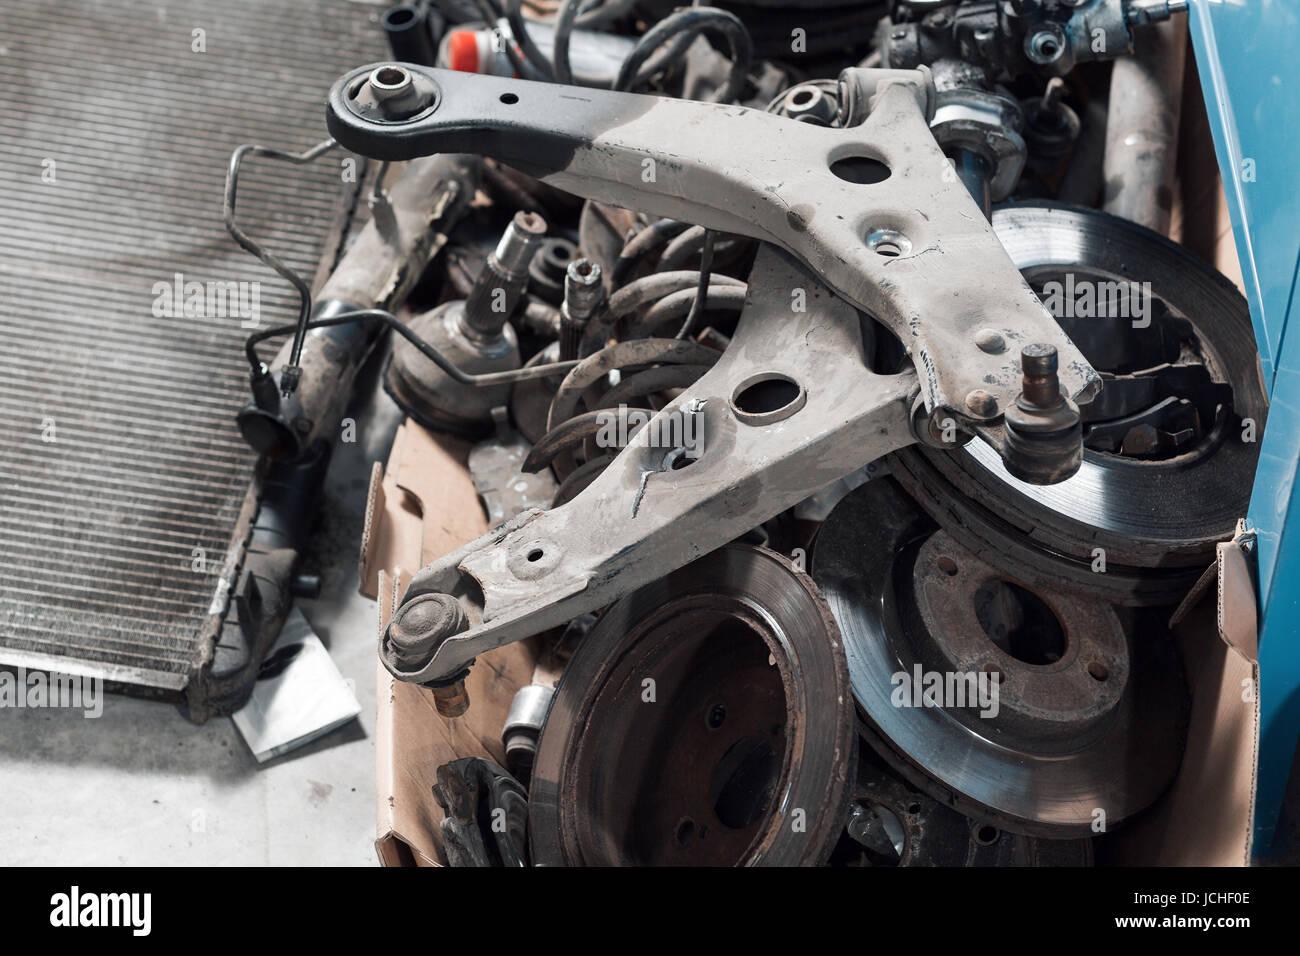 Viele alte Auto Ersatzteile in der Garage Stockfoto, Bild: 145443774 ...